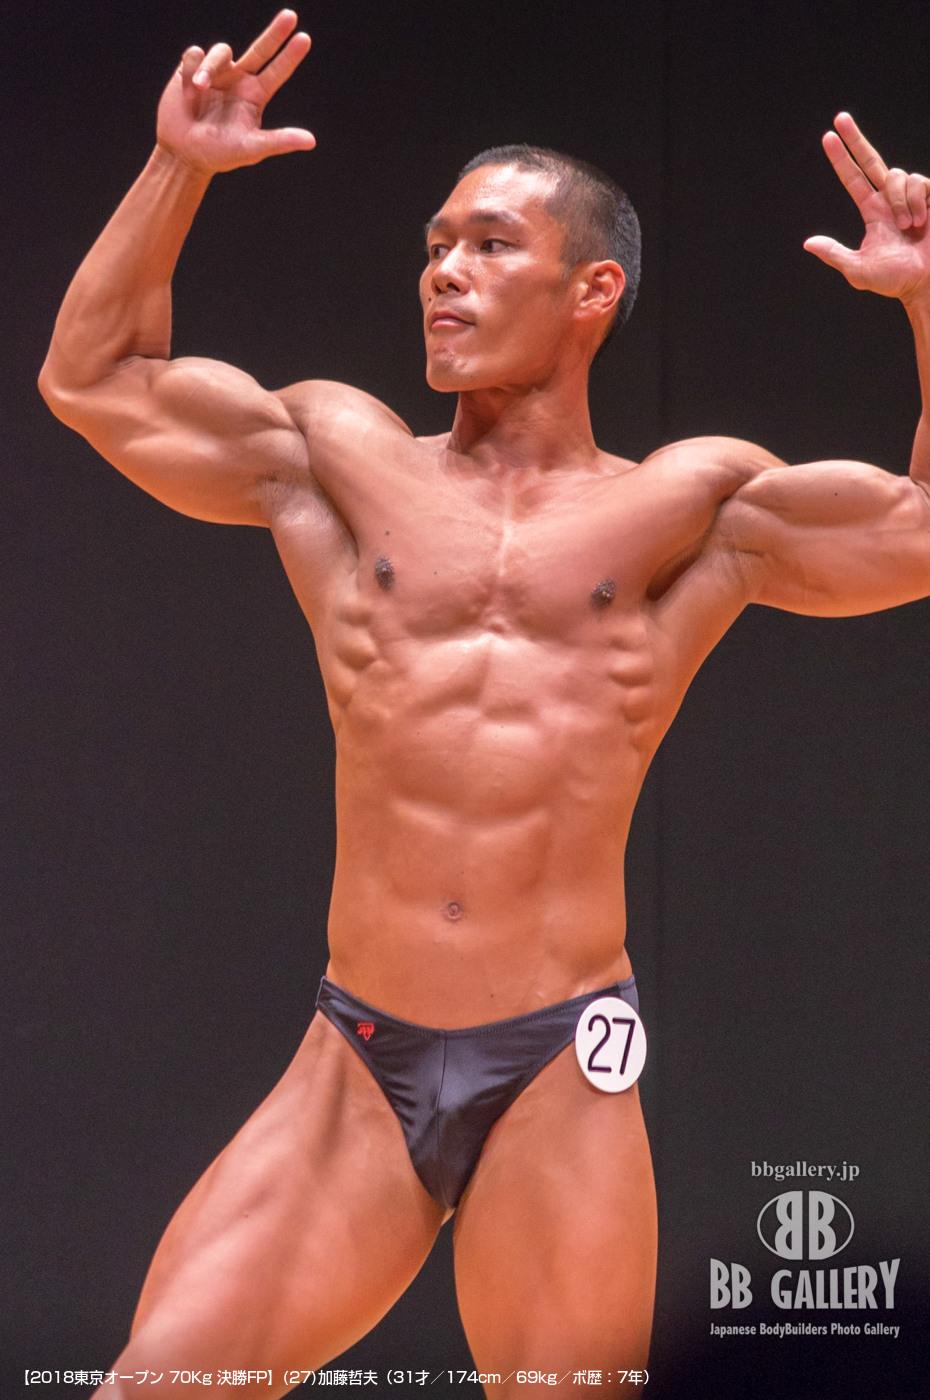 【2018東京オープン 70Kg 決勝FP】(27)加藤哲夫(31才/174cm/69kg/ボ歴:7年)